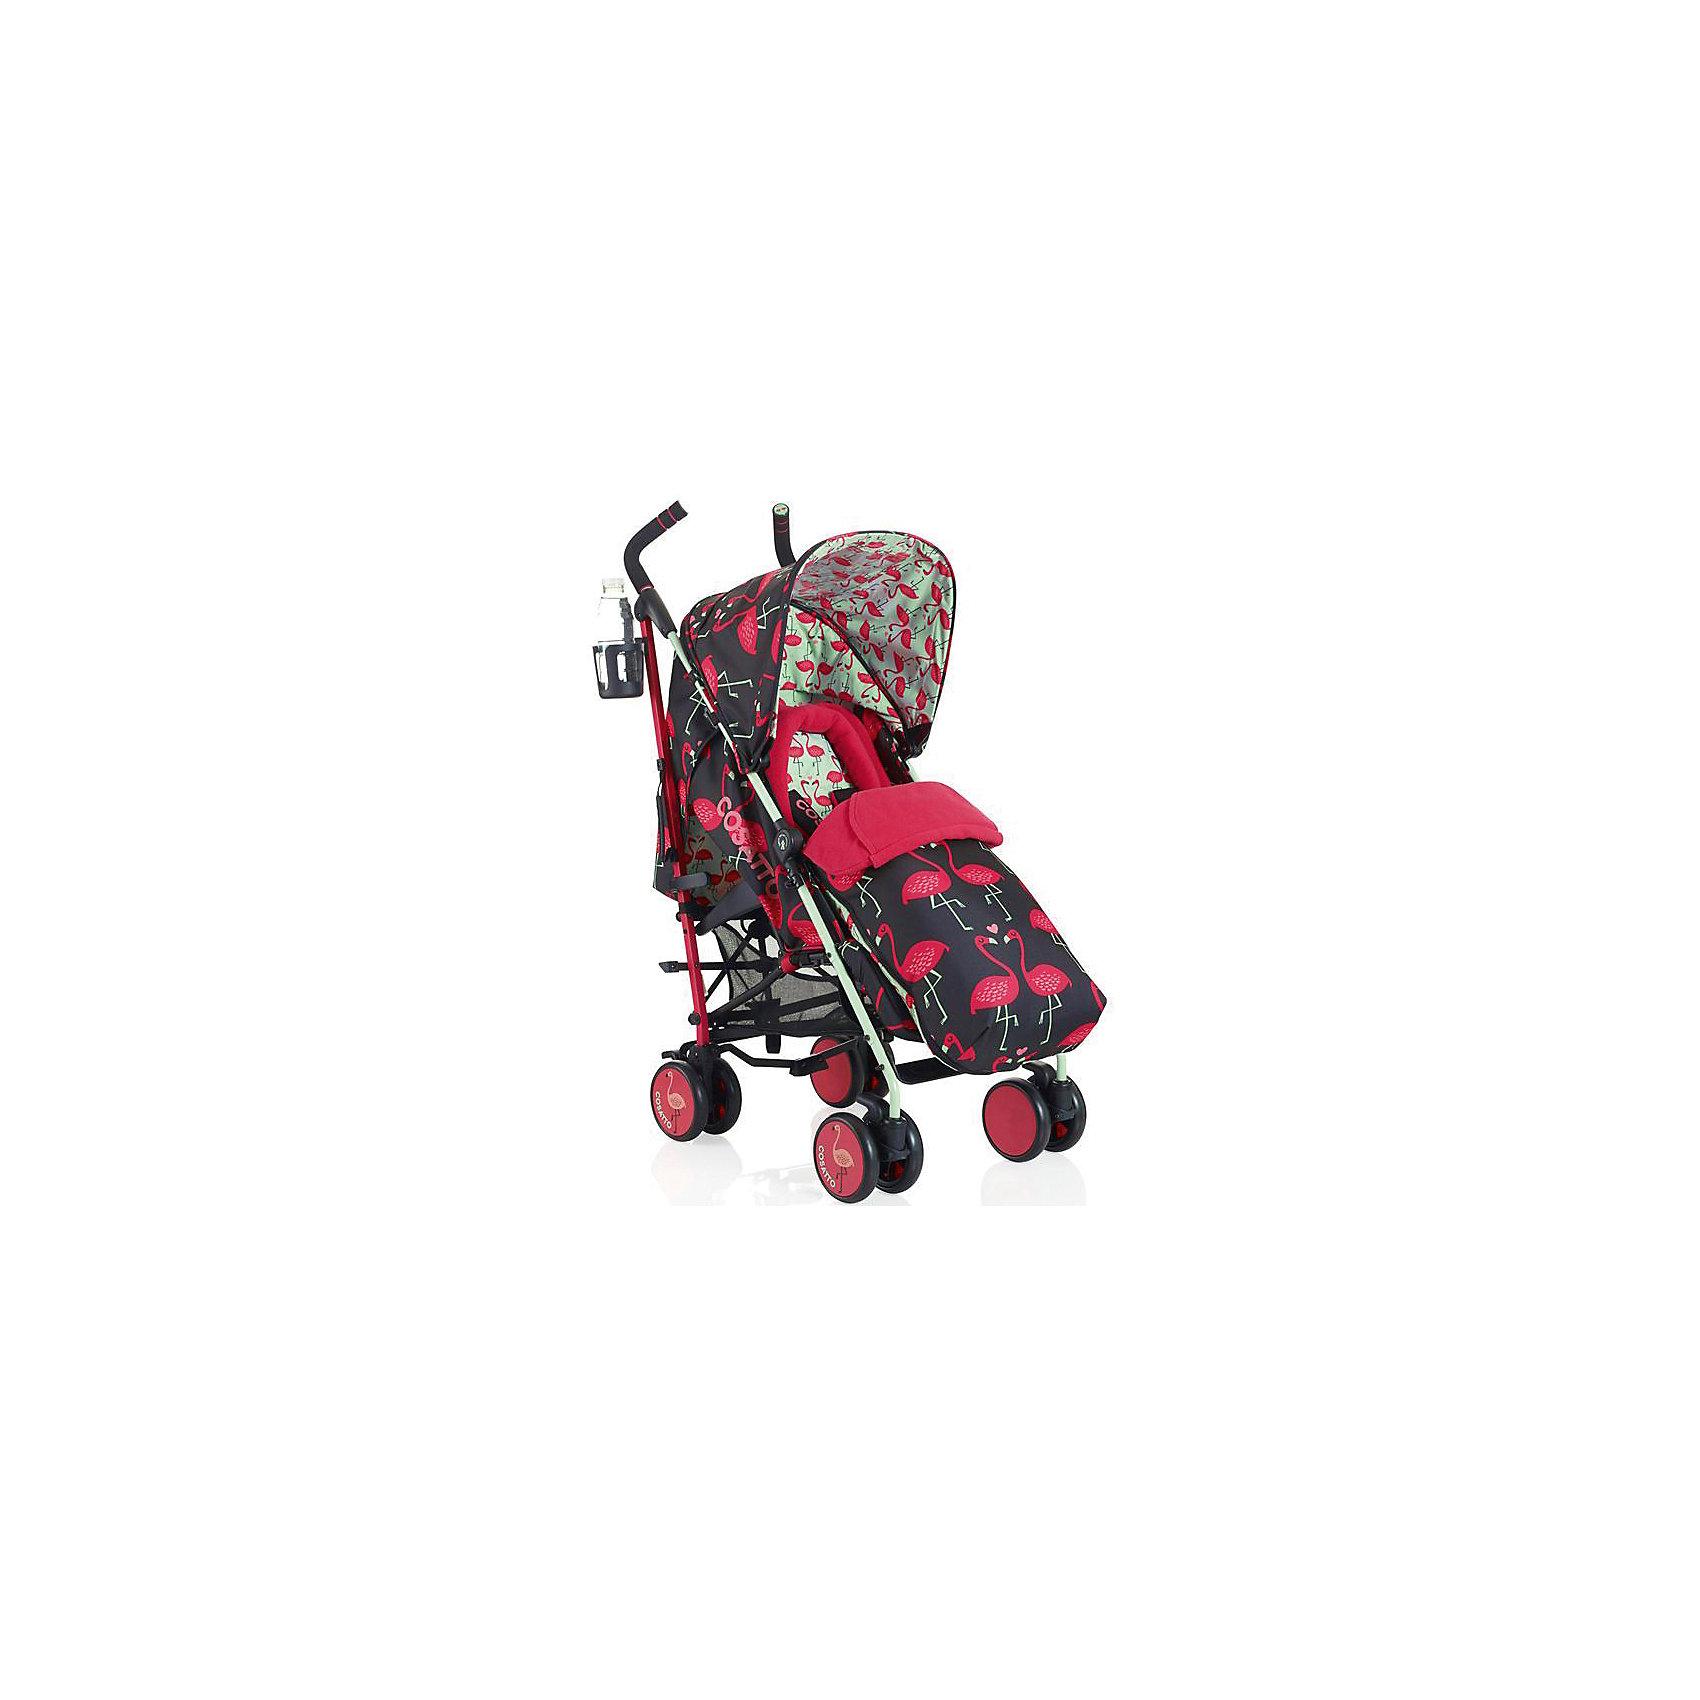 Коляска-трость Cosatto Supa, Flamingo FlingКоляски-трости<br>Стильная коляска станет для родителей не только незаменимой вещью, но и стильным аксессуаром. Функциональность, дизайн и маневренность – все это – новая модель от Cosatto. Все материалы, использованные при изготовлении, безопасны и отвечают требованиям по качеству продукции.<br><br>Дополнительные характеристики: <br><br>цвет: Flamingo Fling;<br>возраст: 6 месяцев – 3 года;<br>регулируемый капюшон;<br>механизм складывания: трость;<br>регулировка спинки;<br>ножной тормоз;<br>пятиточечные ремни безопасности;<br>габариты: 78 х 48,5 х 110 см;<br>материал шасси: алюминий;<br>комплектация: блок для прогулок, складывающиеся шасси, подголовник, подстаканник, защита от дождя и солнца, регулируемая ручка, конверт - муфта.<br><br>ВНИМАНИЕ!!! В комплектацию коляски не входит бампер, его можно купить отдельно.<br><br>Коляску-трость SUPA от компании Cosatto можно приобрести в нашем магазине.<br><br>Ширина мм: 112<br>Глубина мм: 280<br>Высота мм: 280<br>Вес г: 11800<br>Возраст от месяцев: 6<br>Возраст до месяцев: 36<br>Пол: Унисекс<br>Возраст: Детский<br>SKU: 5543590